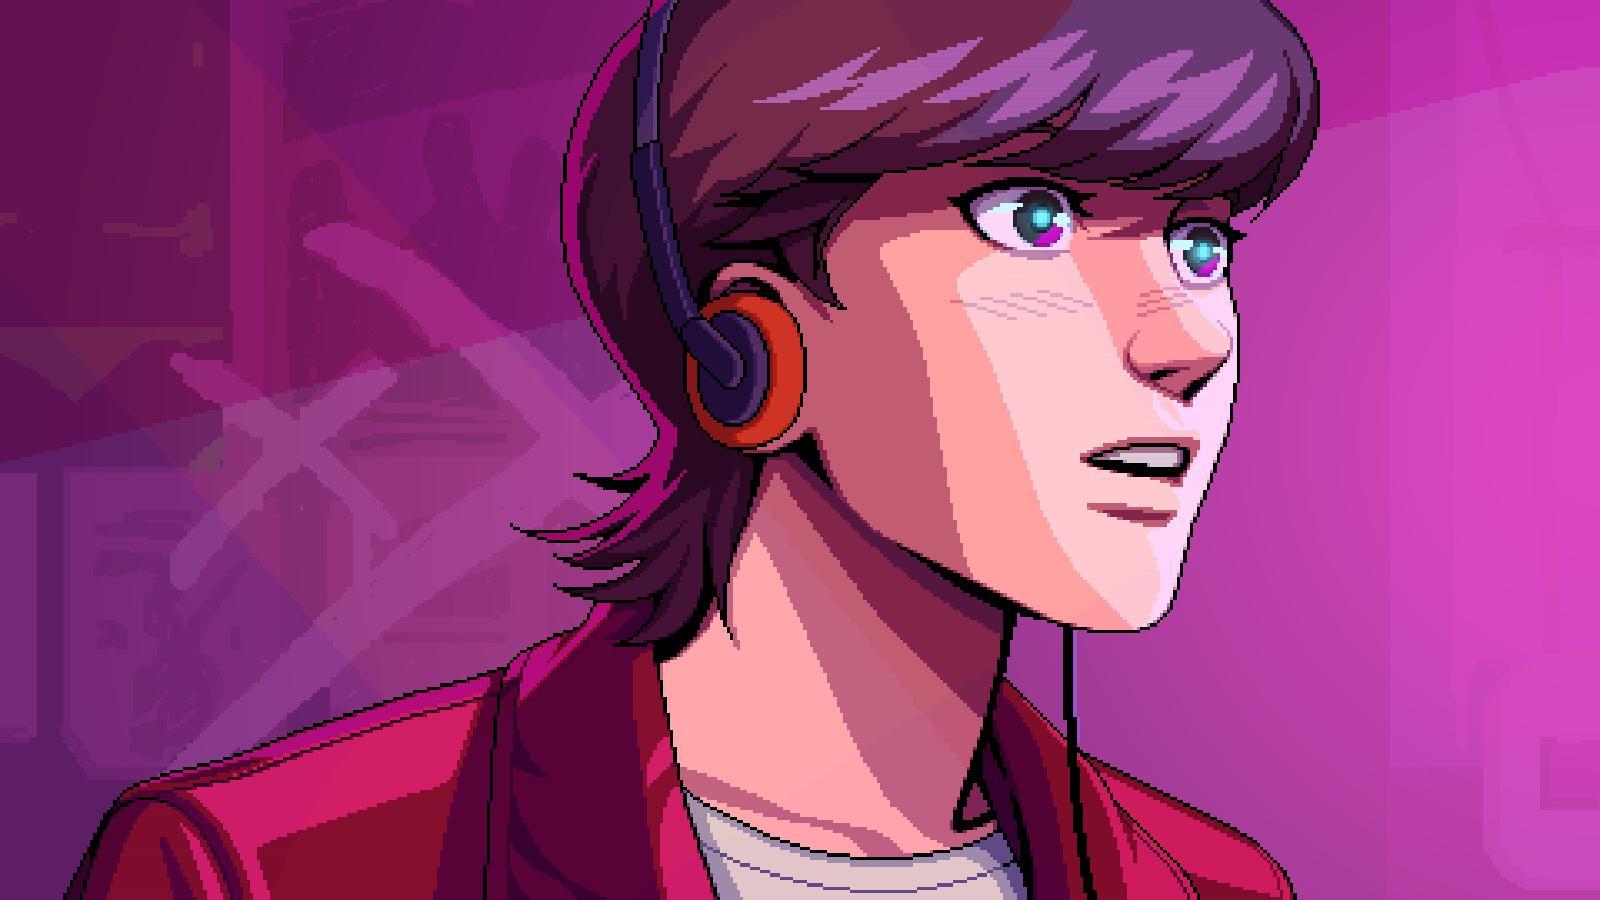 198X - обзор игры про нелёгкую жизнь подростка-геймера из 80-х 198x,Игры,ретро-игры